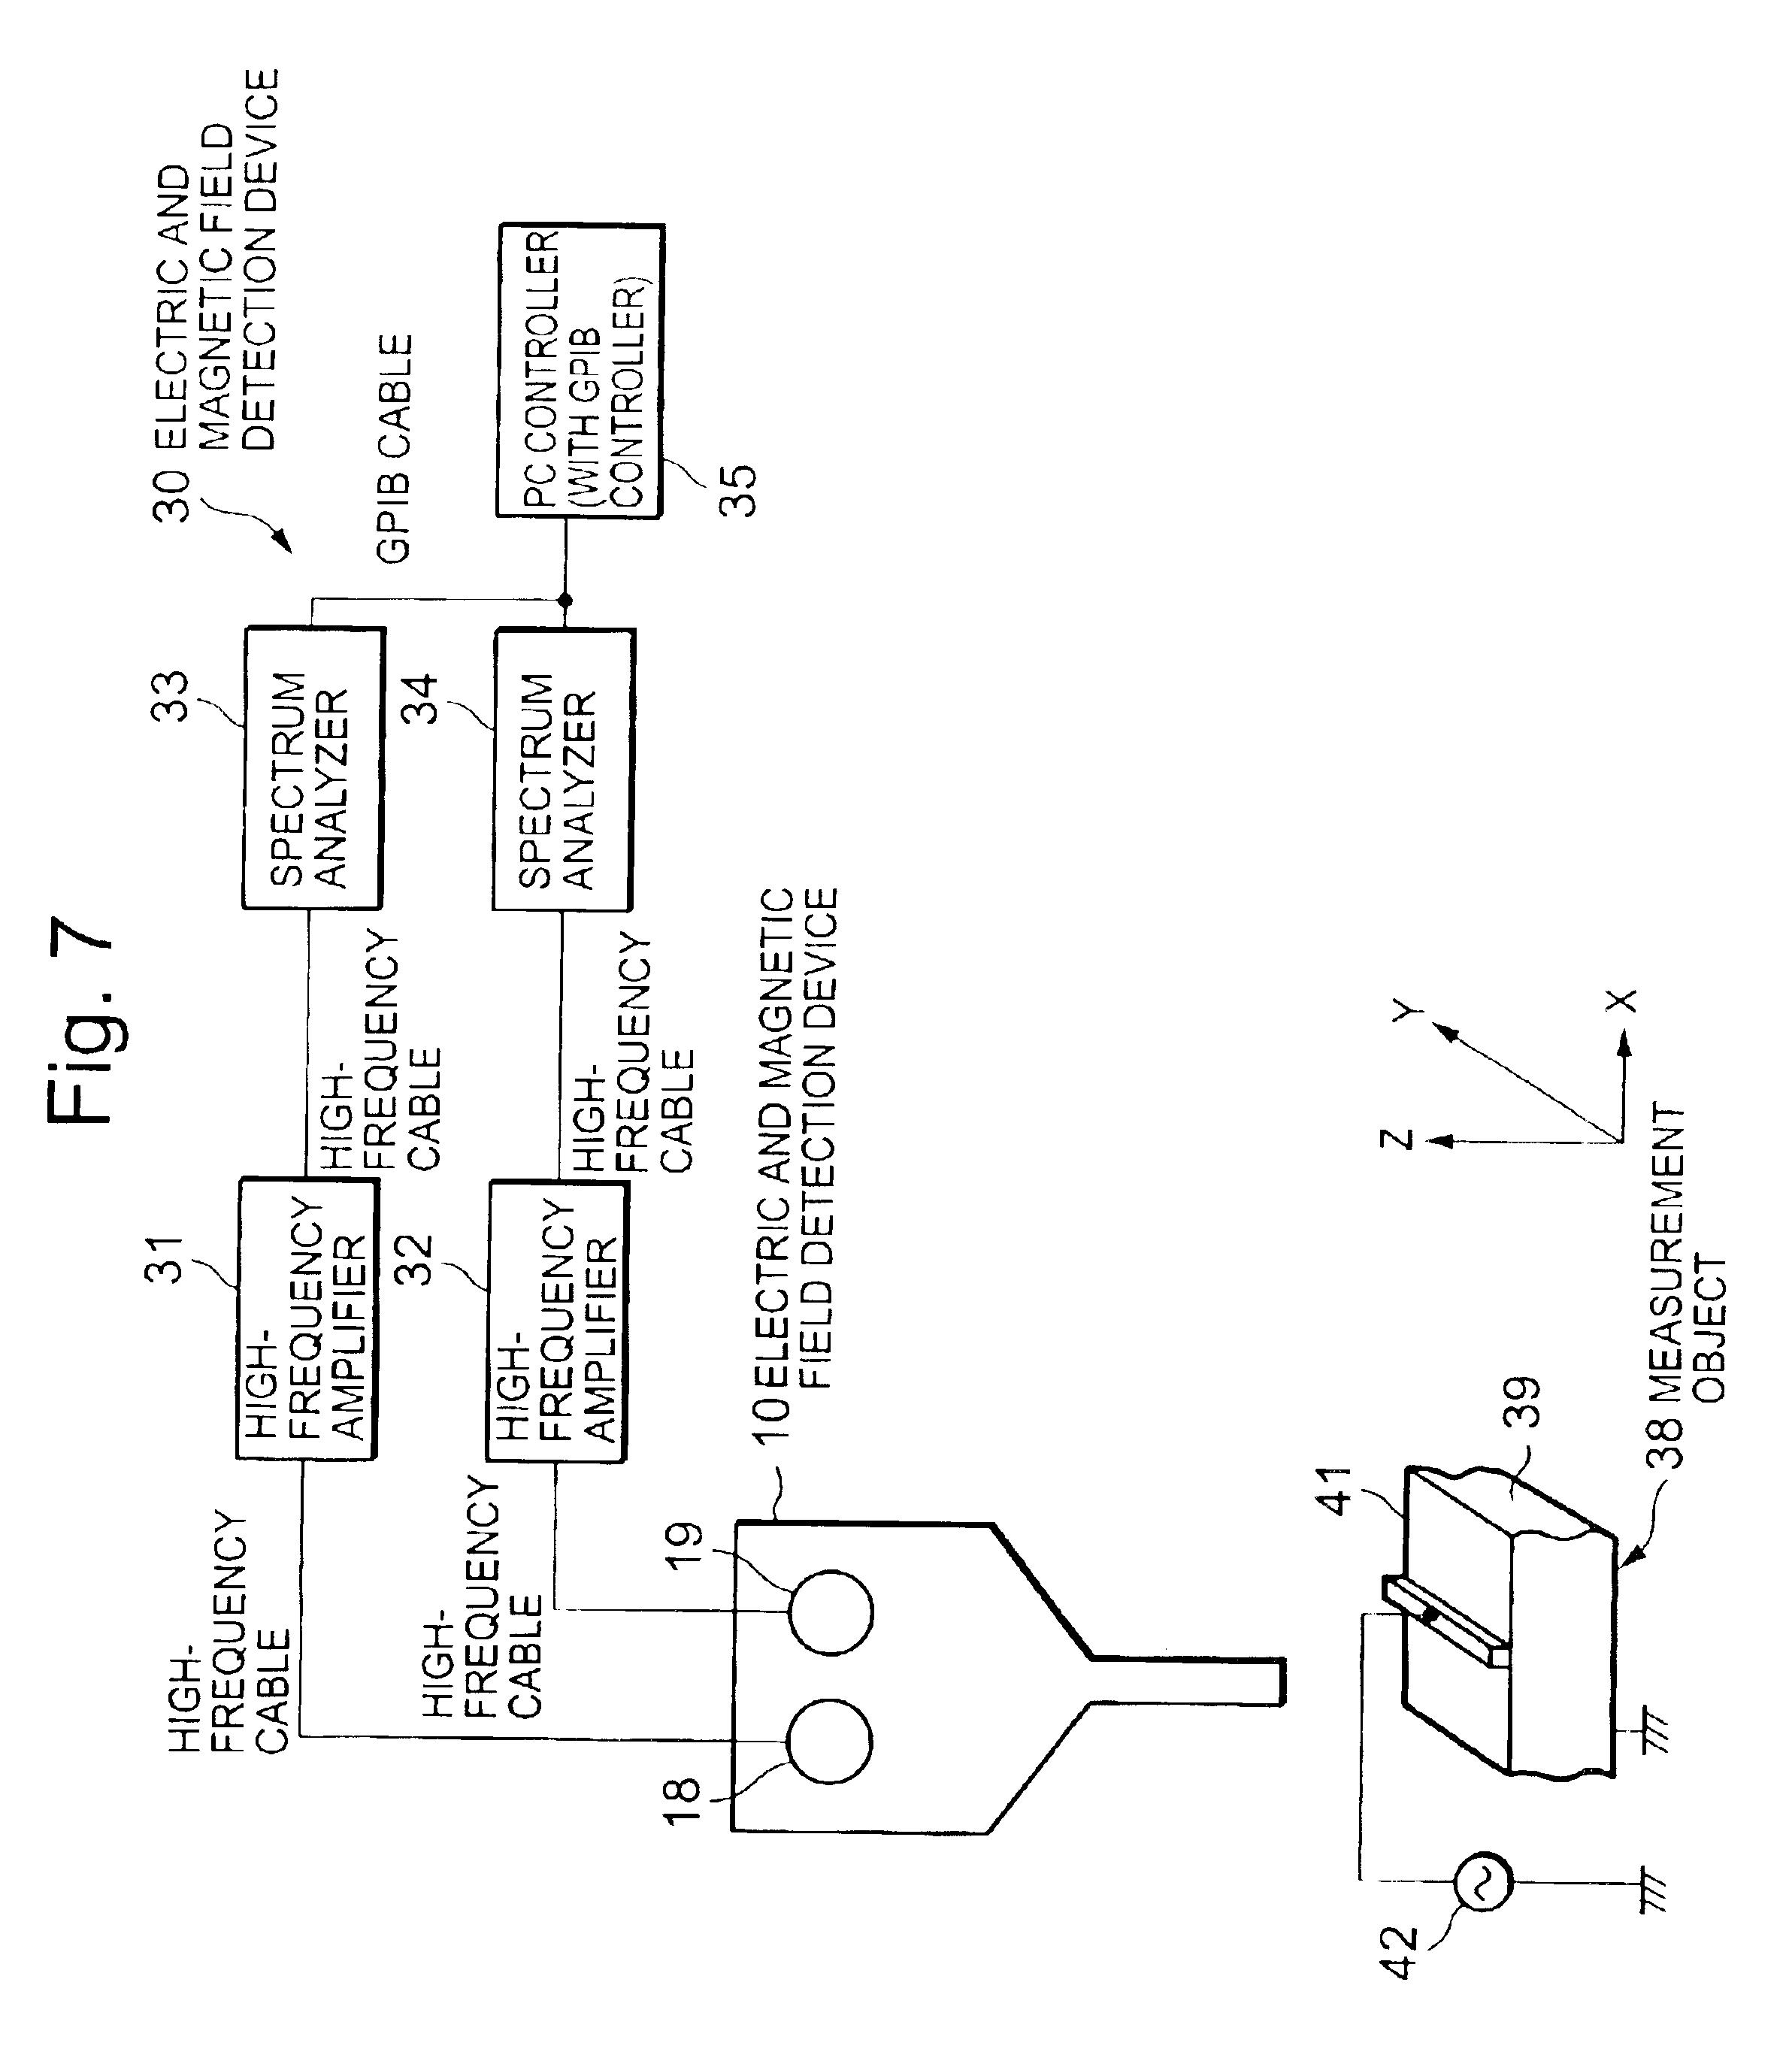 patent us6844725